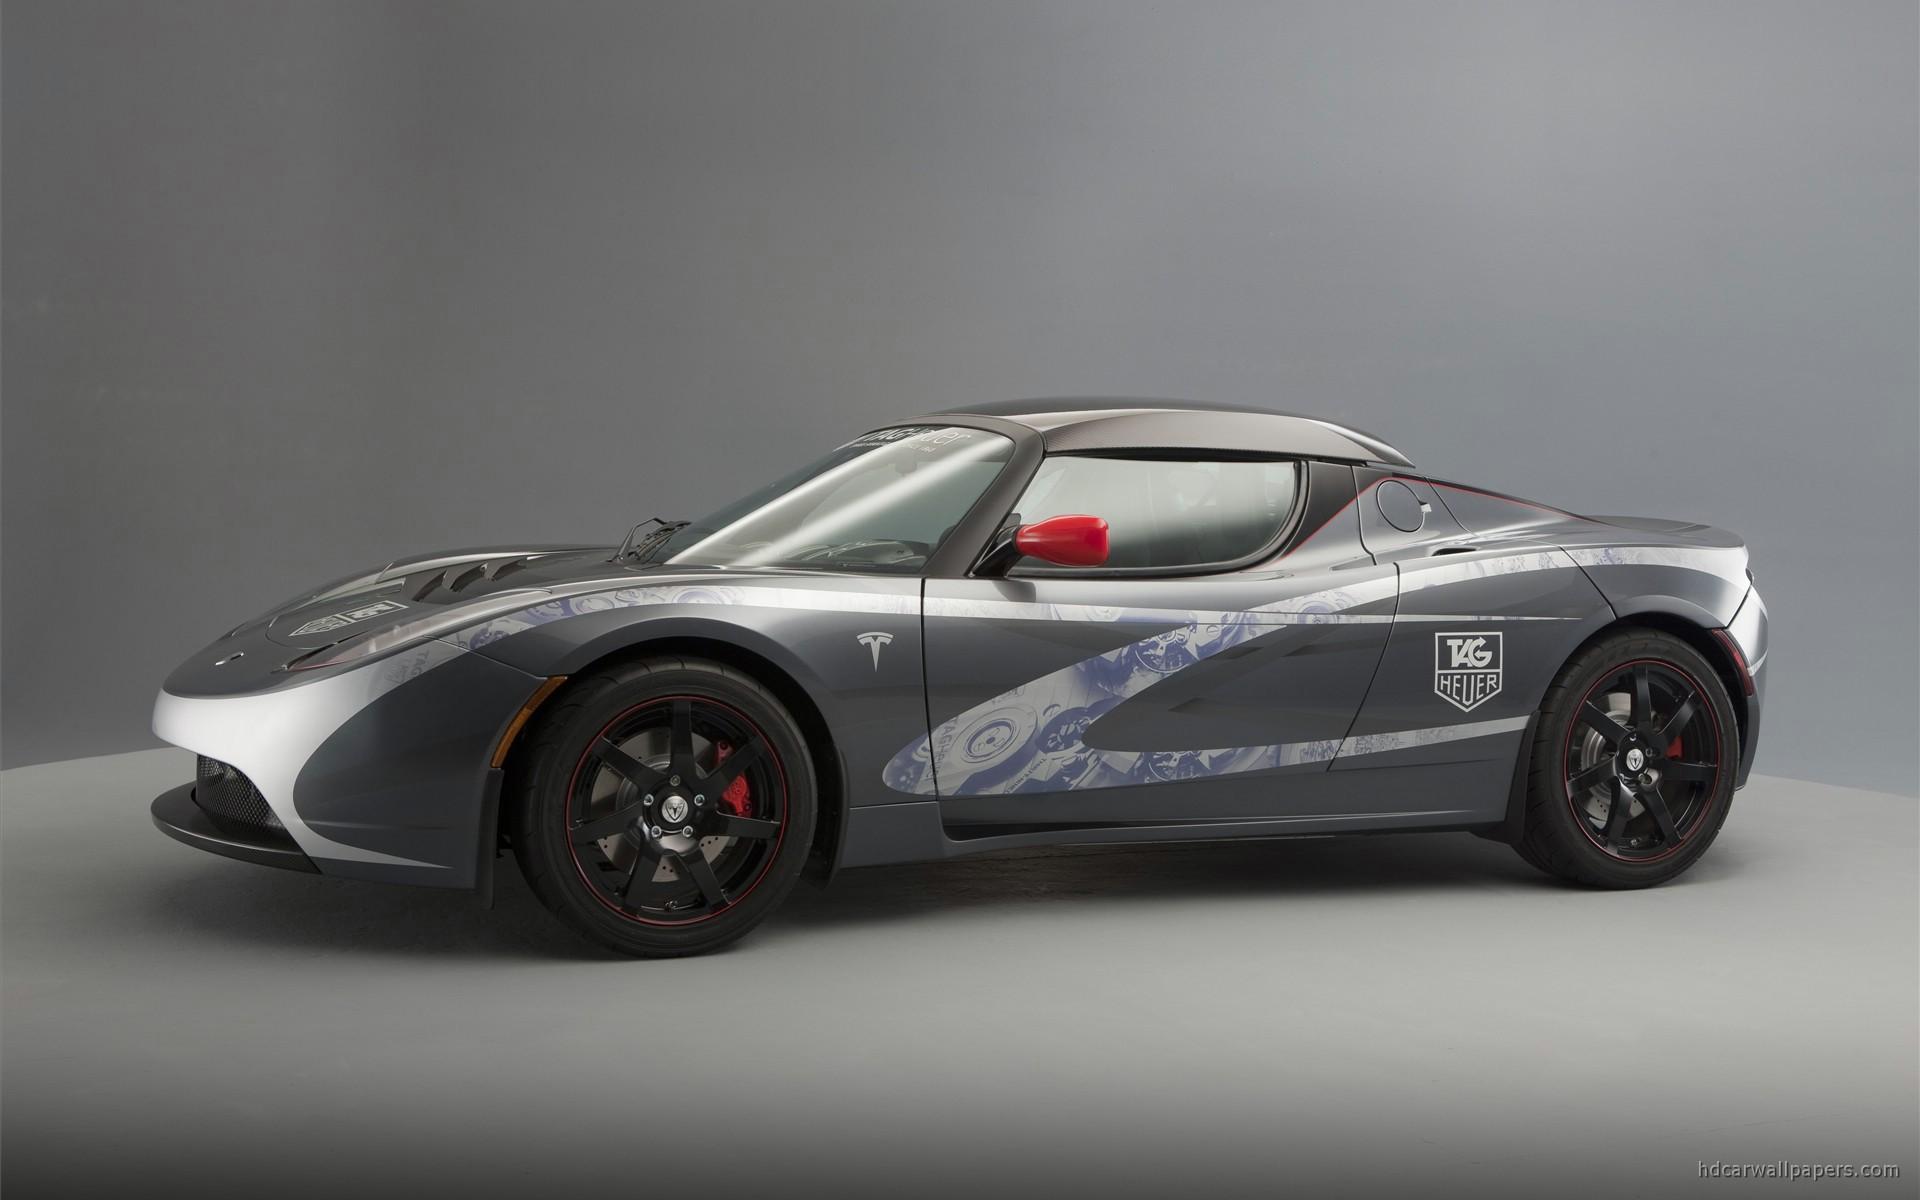 Jaguar Car Logo Hd Wallpaper Download Tag Heuer Tesla Roadster 3 Wallpaper Hd Car Wallpapers